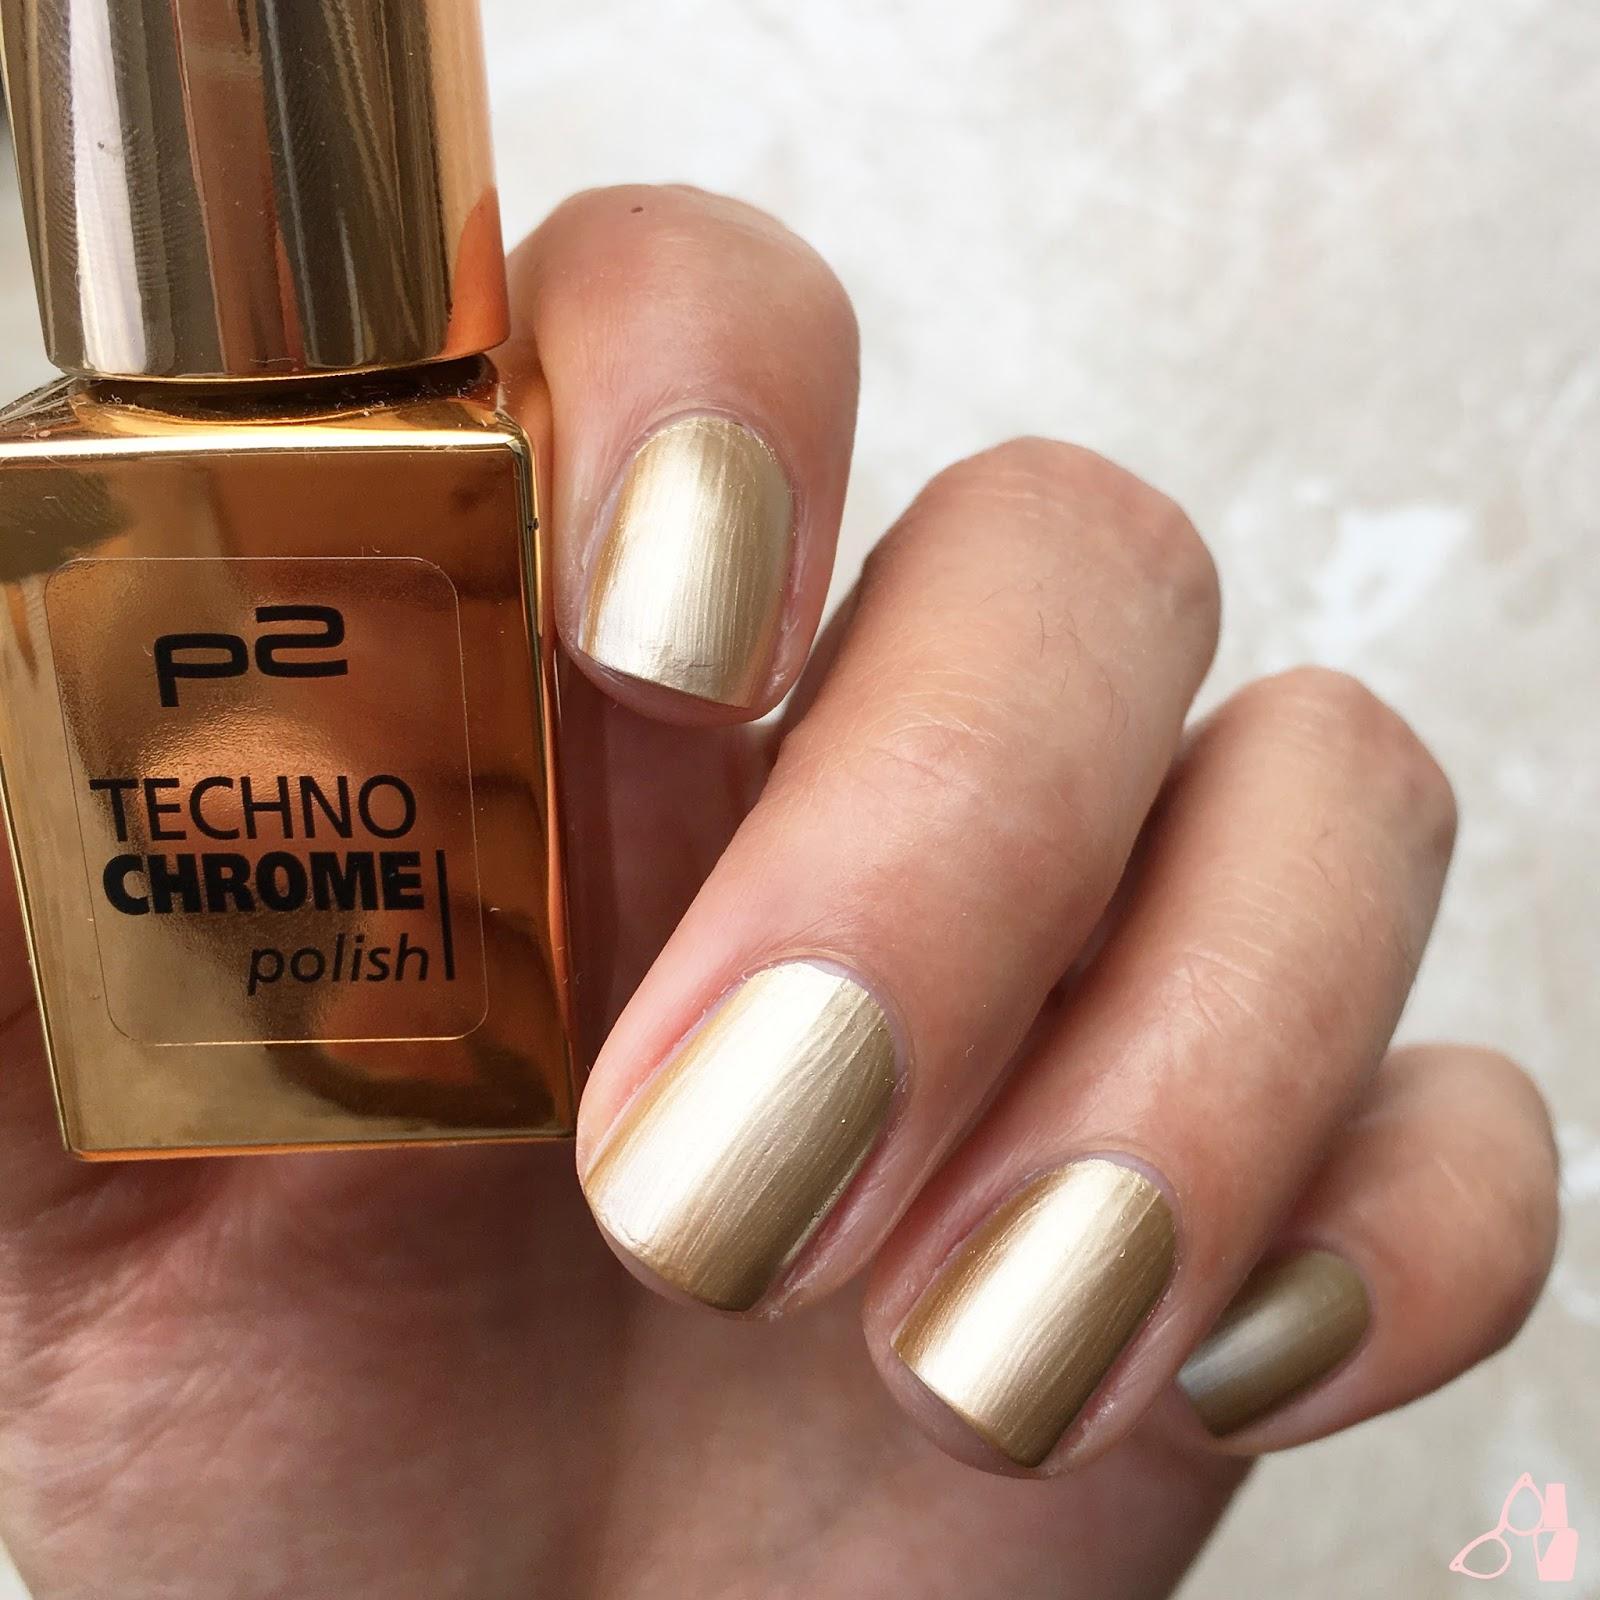 Lacknerds: Test: P2 Techno Chromes – champagne glare